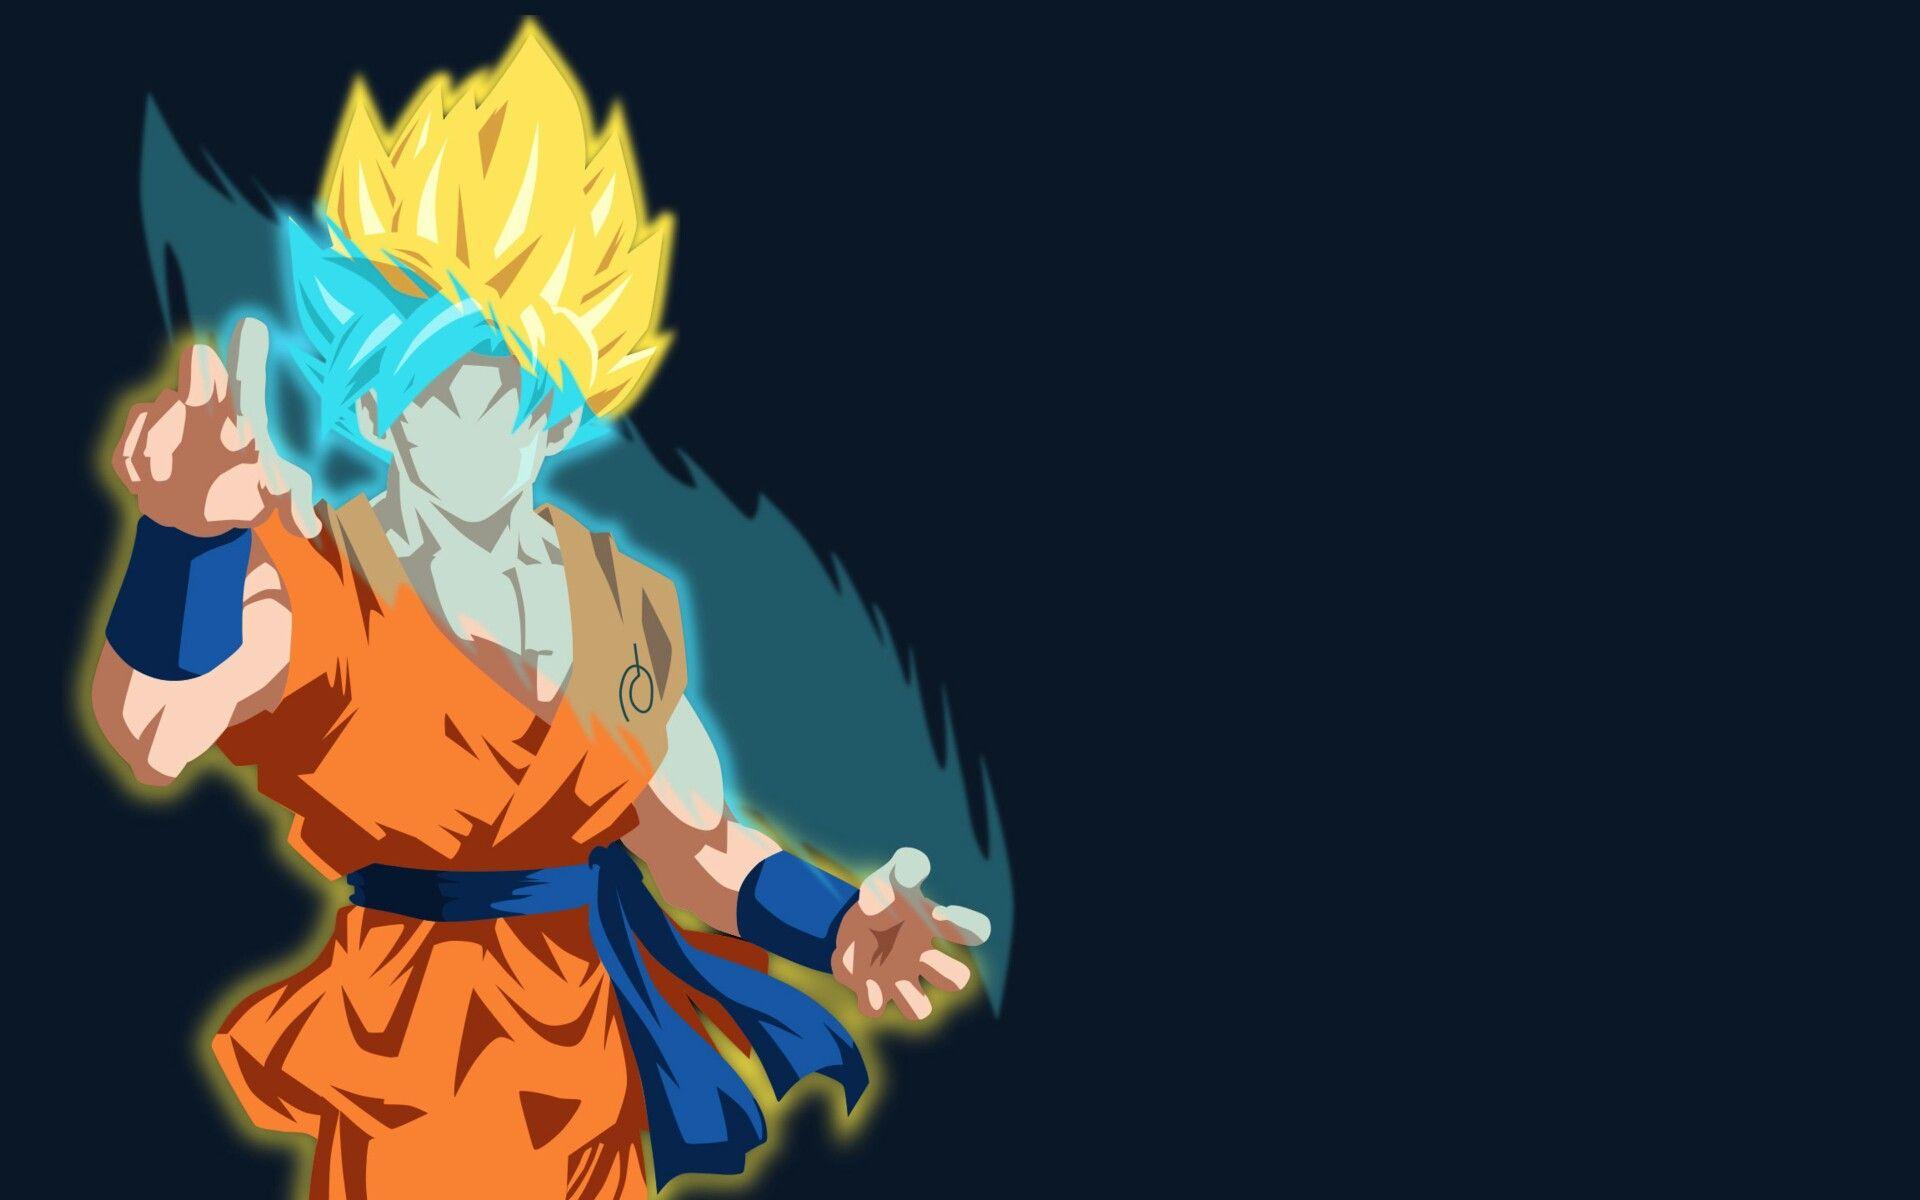 Goku Minimal Dragon Ball Super Wallpapers Goku Wallpaper Anime